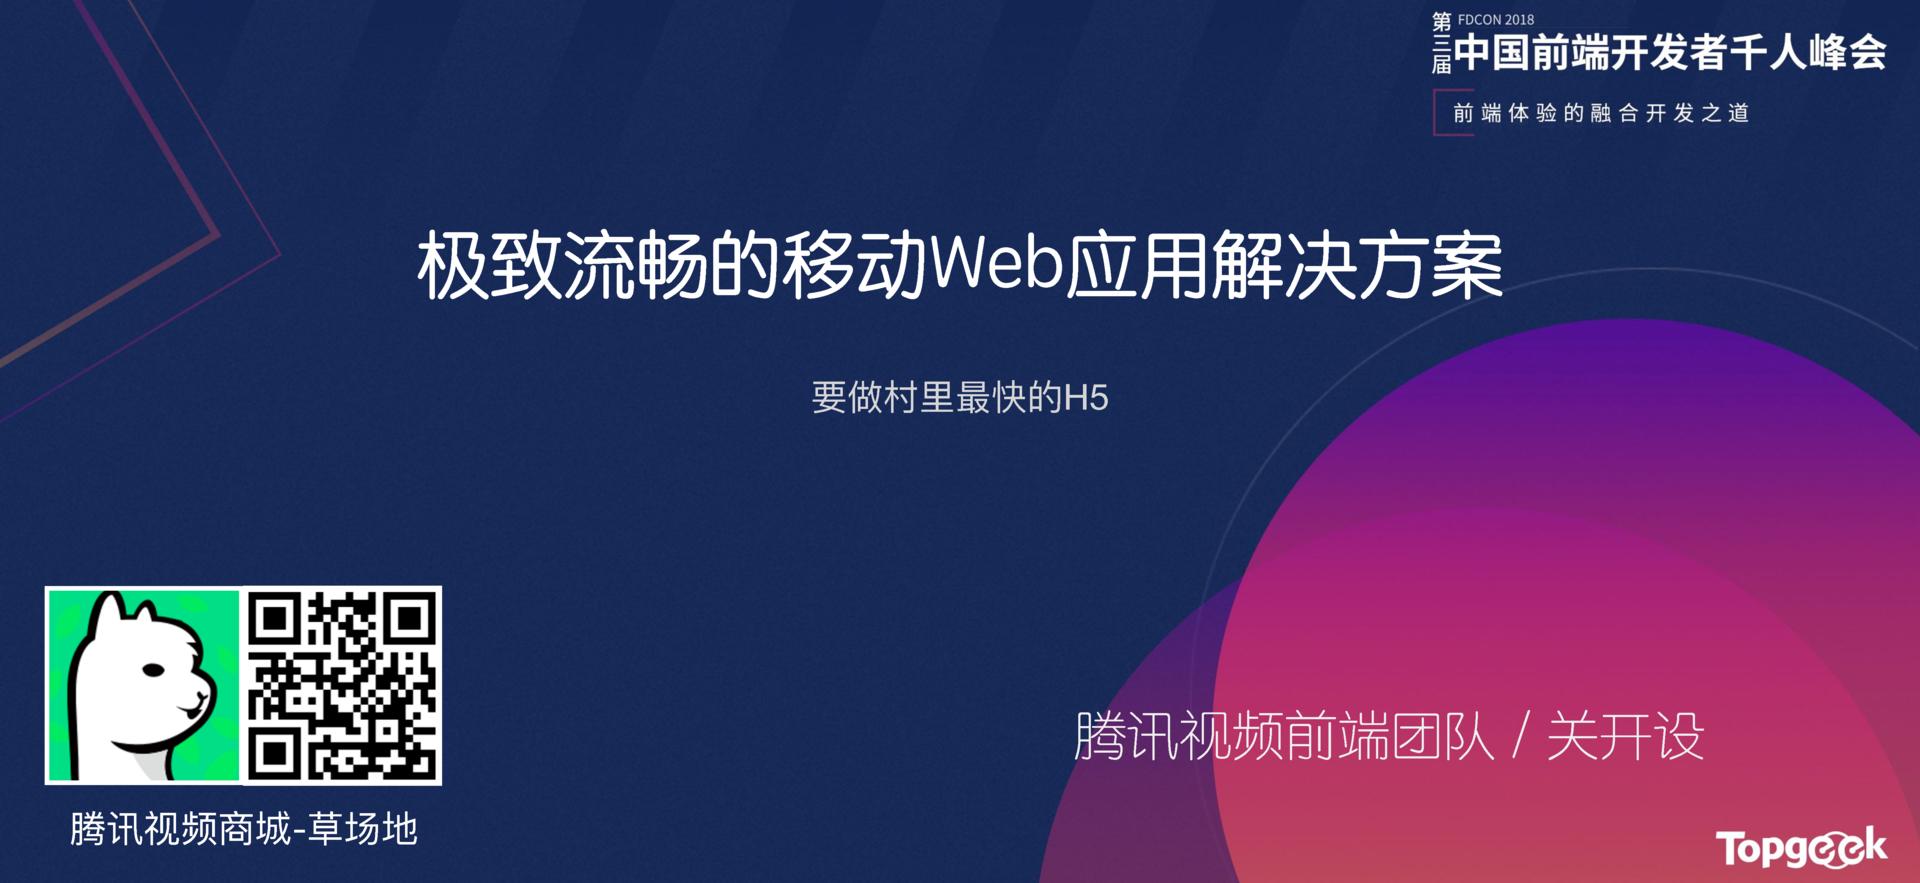 极致流畅的移动Web应用解决方案